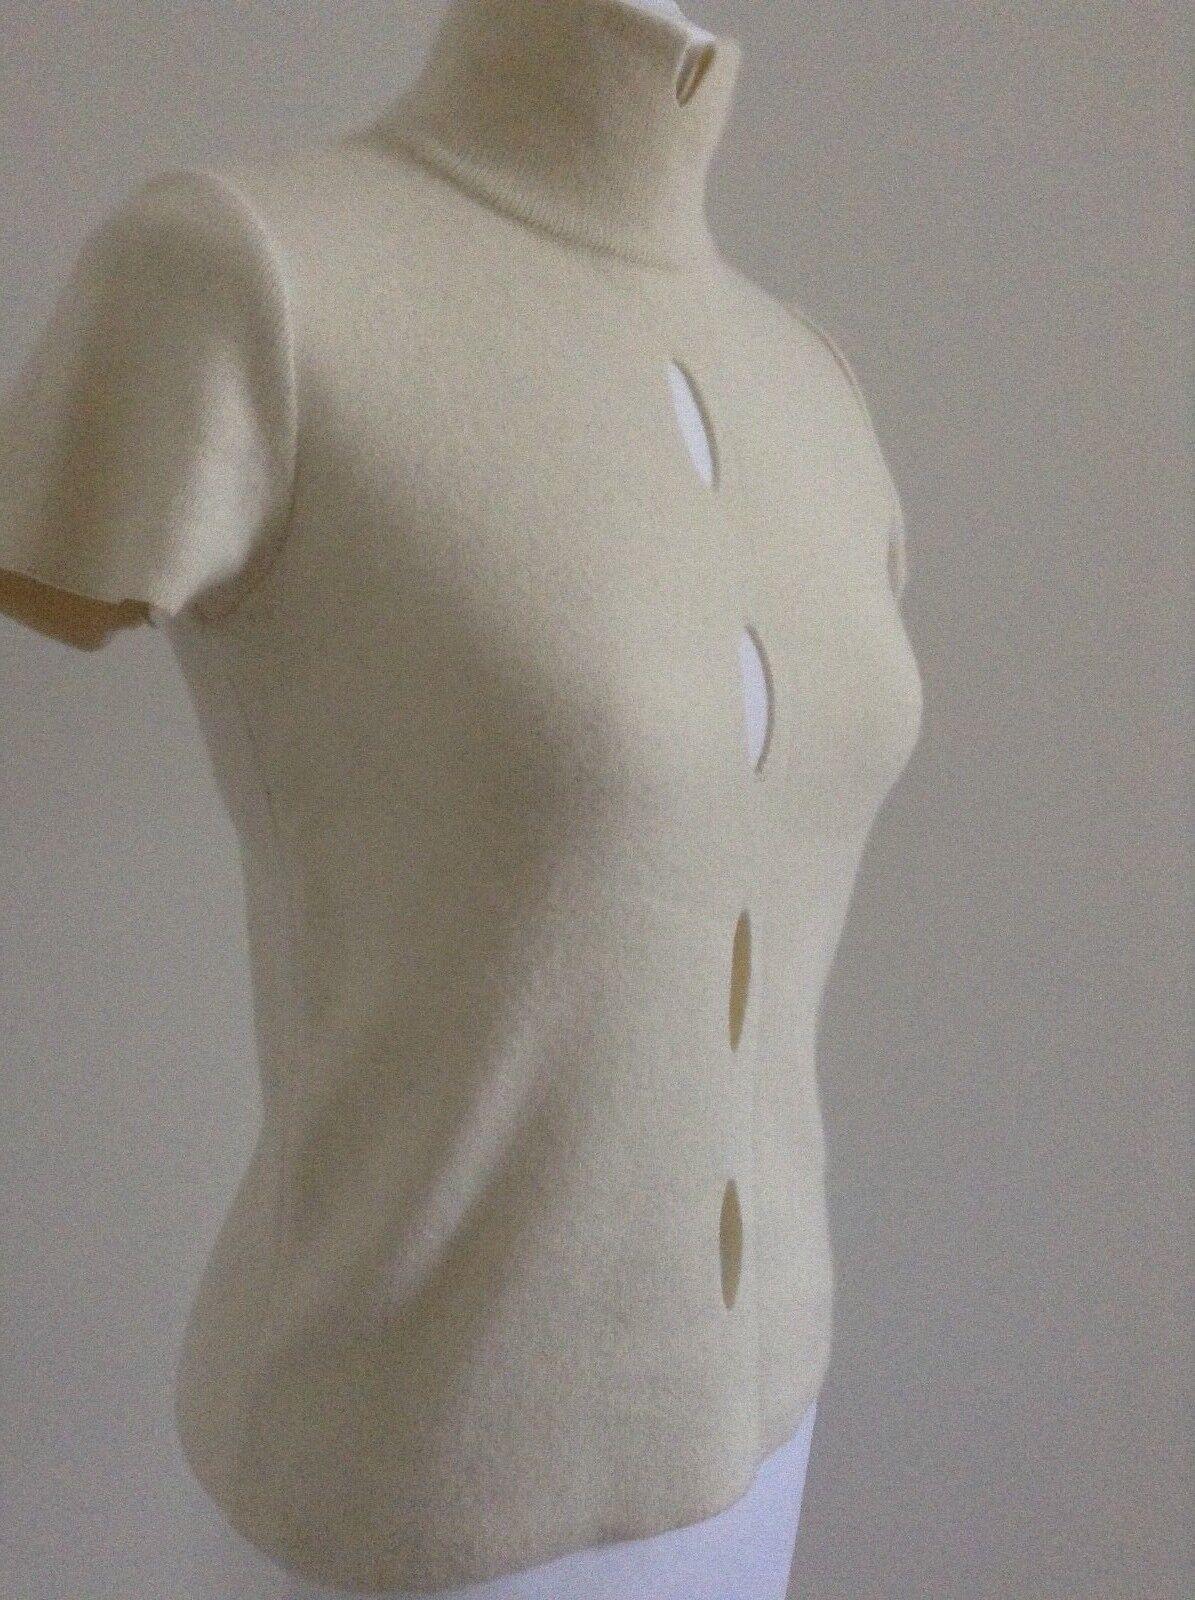 VALENTINO panna Angora Polo Polo Polo Con Colletto Top tagliato i dettagli Manica Corta Top indossata una volta 6380ec